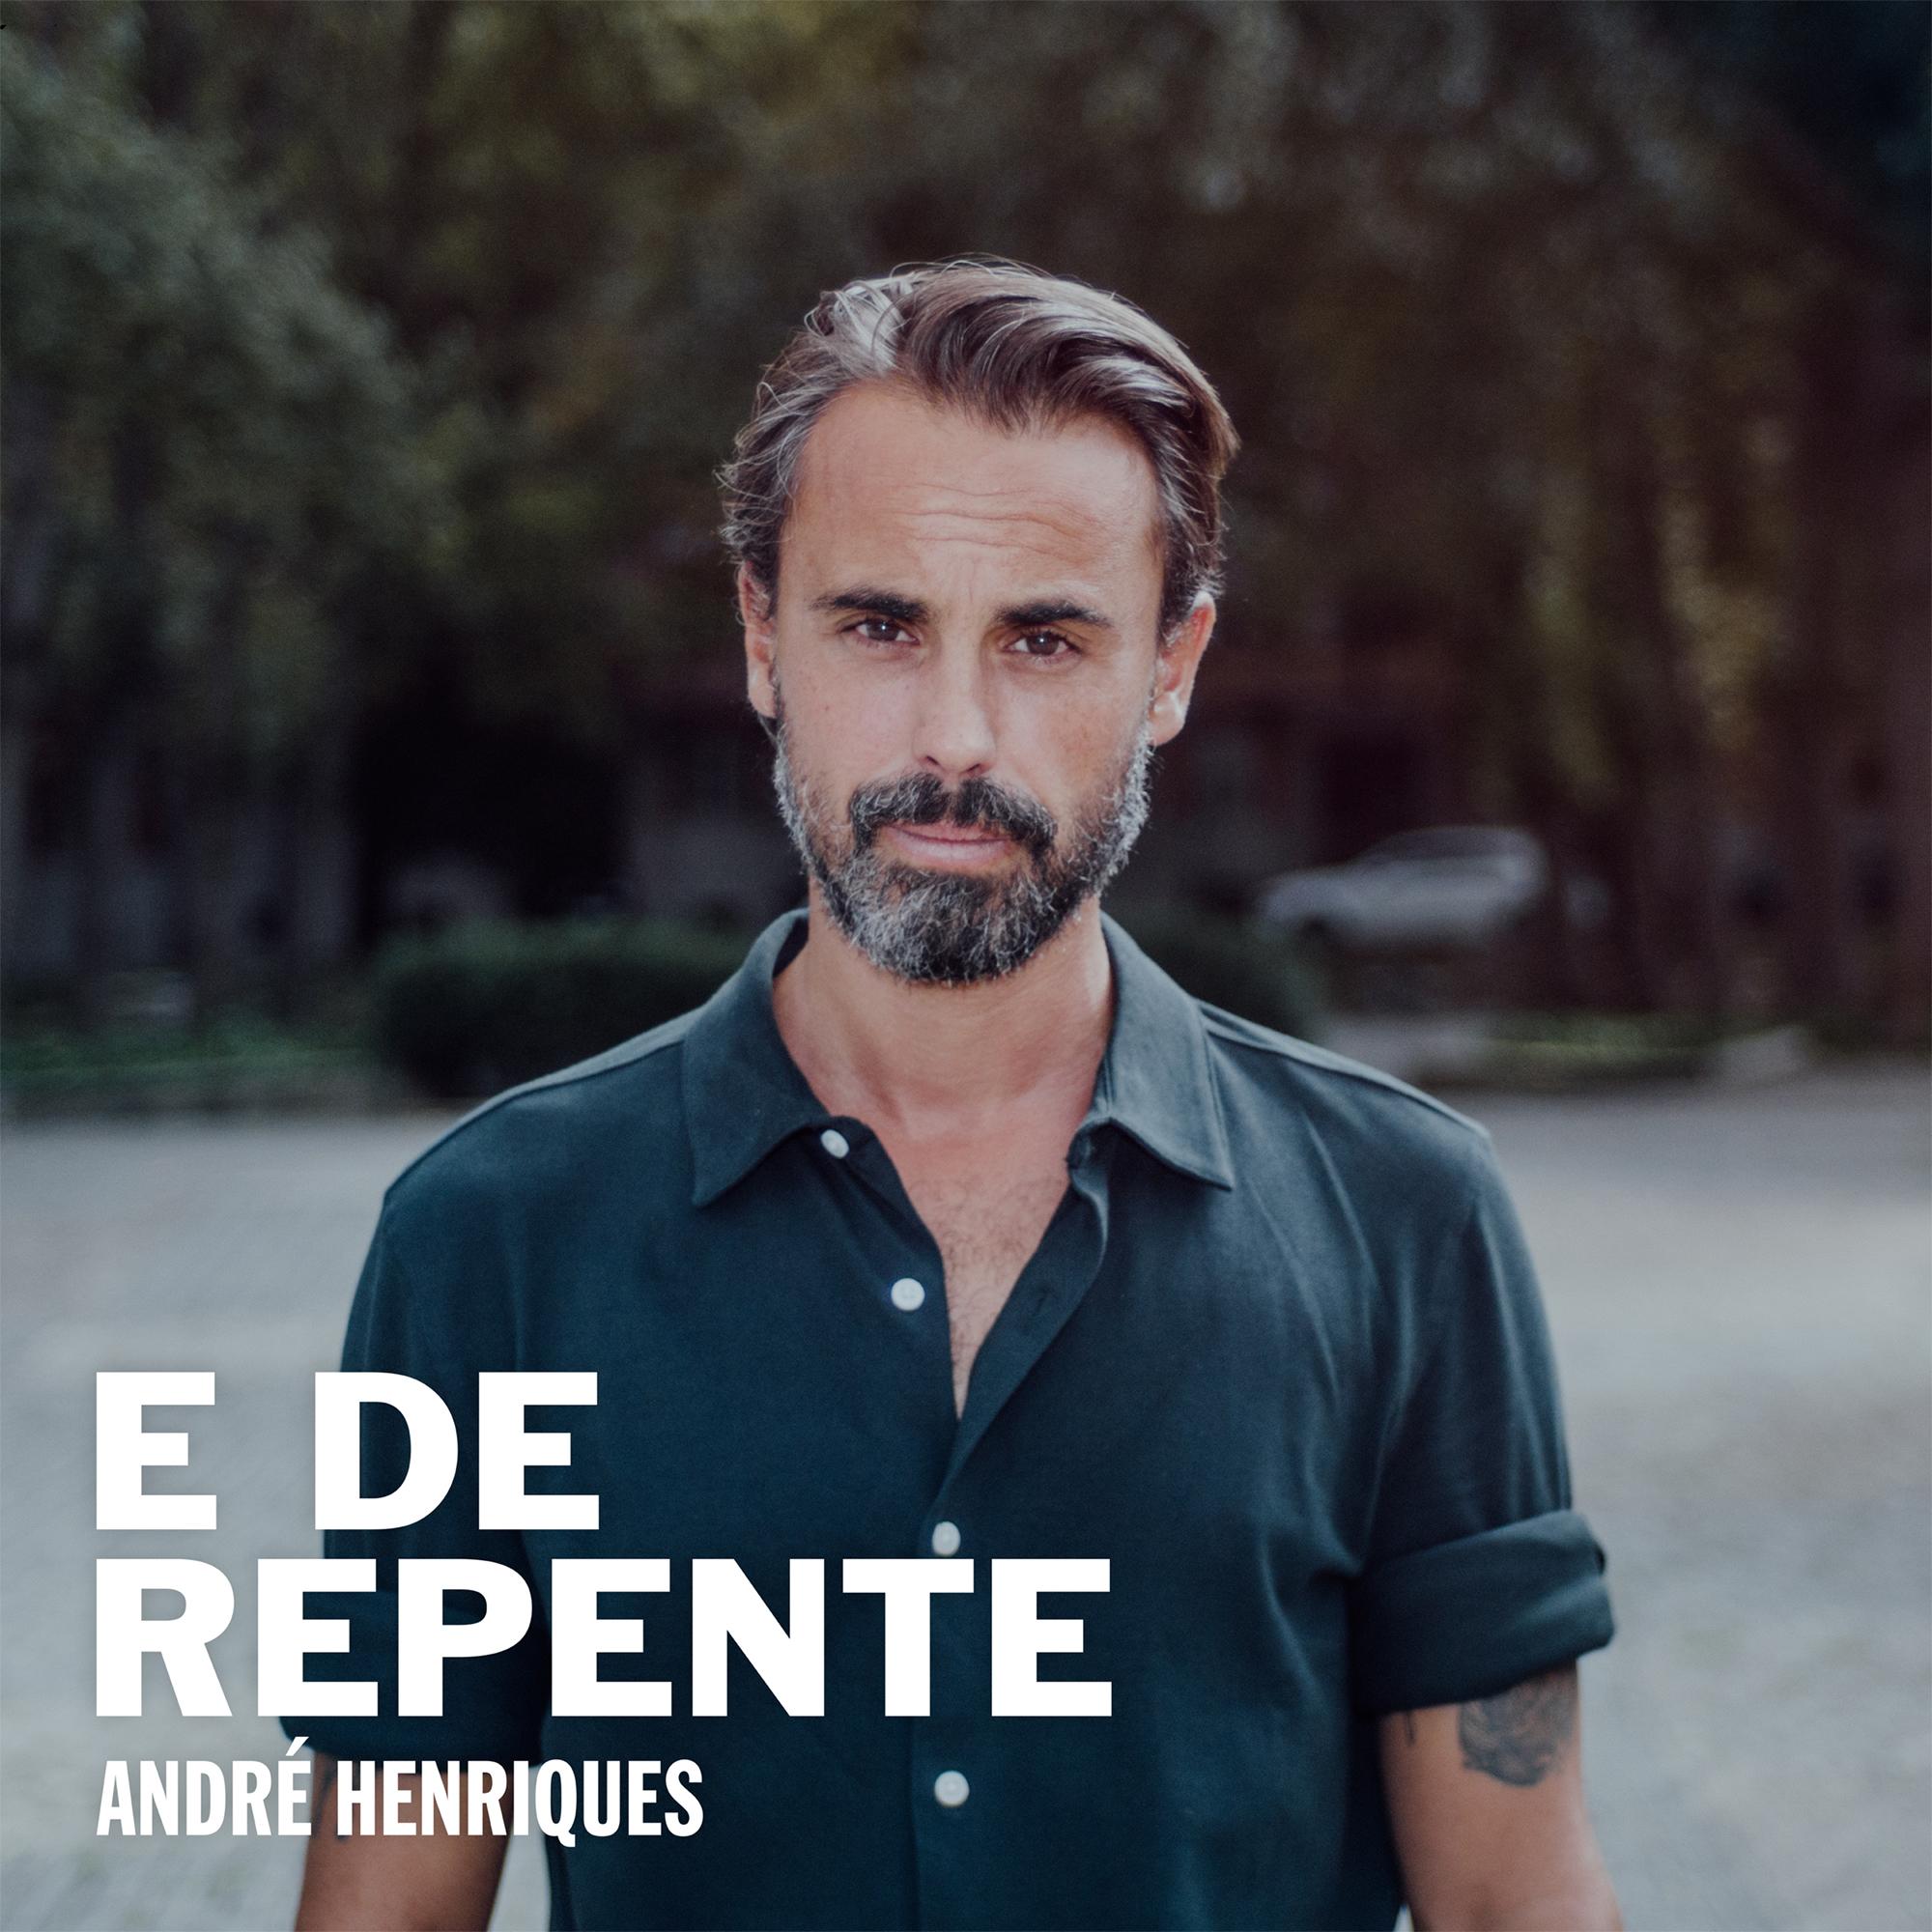 ANDRE-HENRIQUES_Ederepente